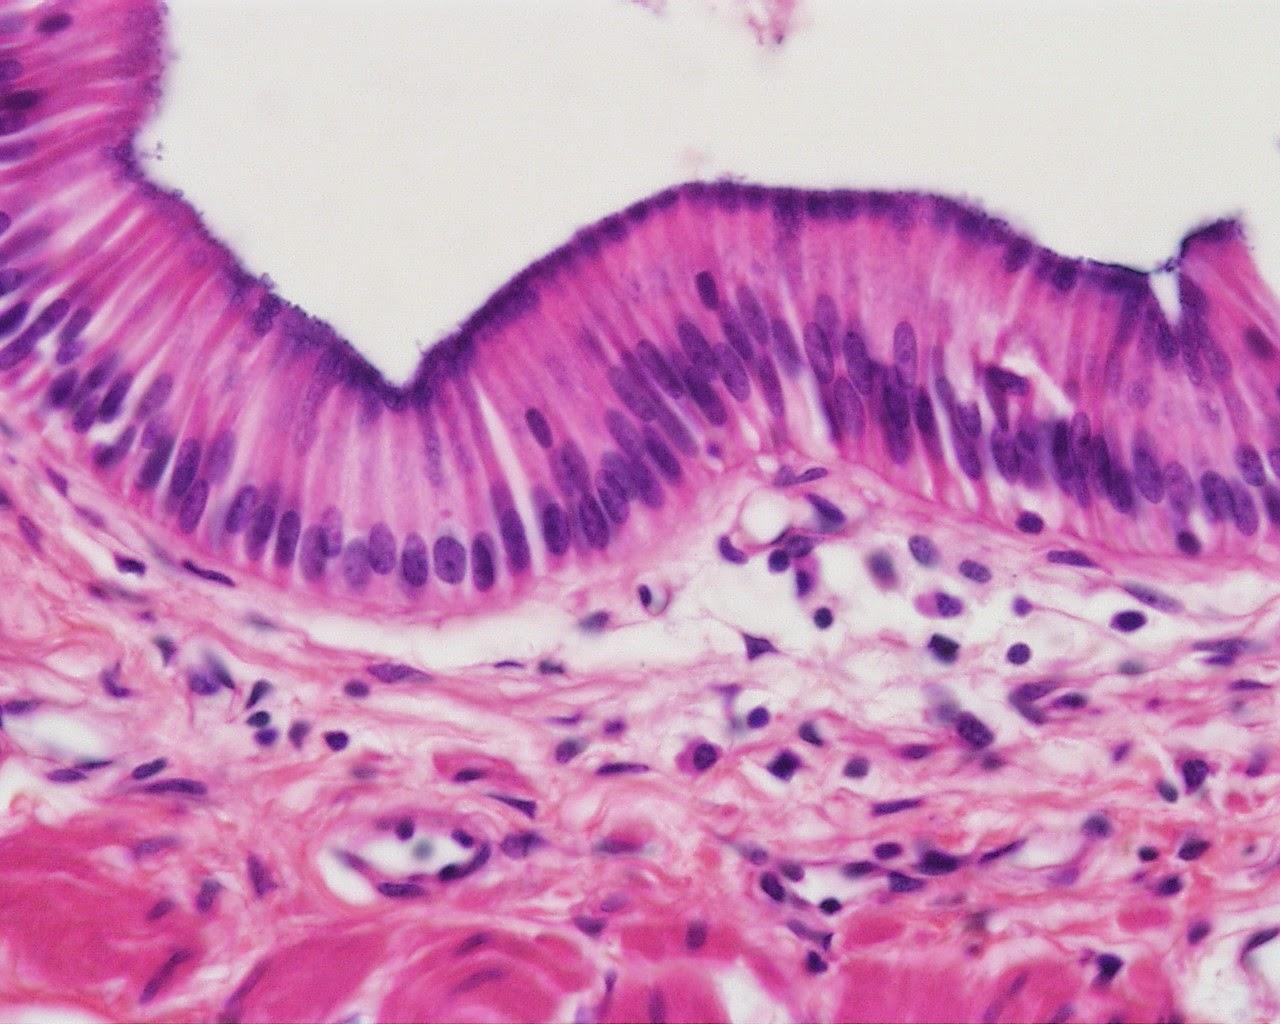 Mcq On Histology Test